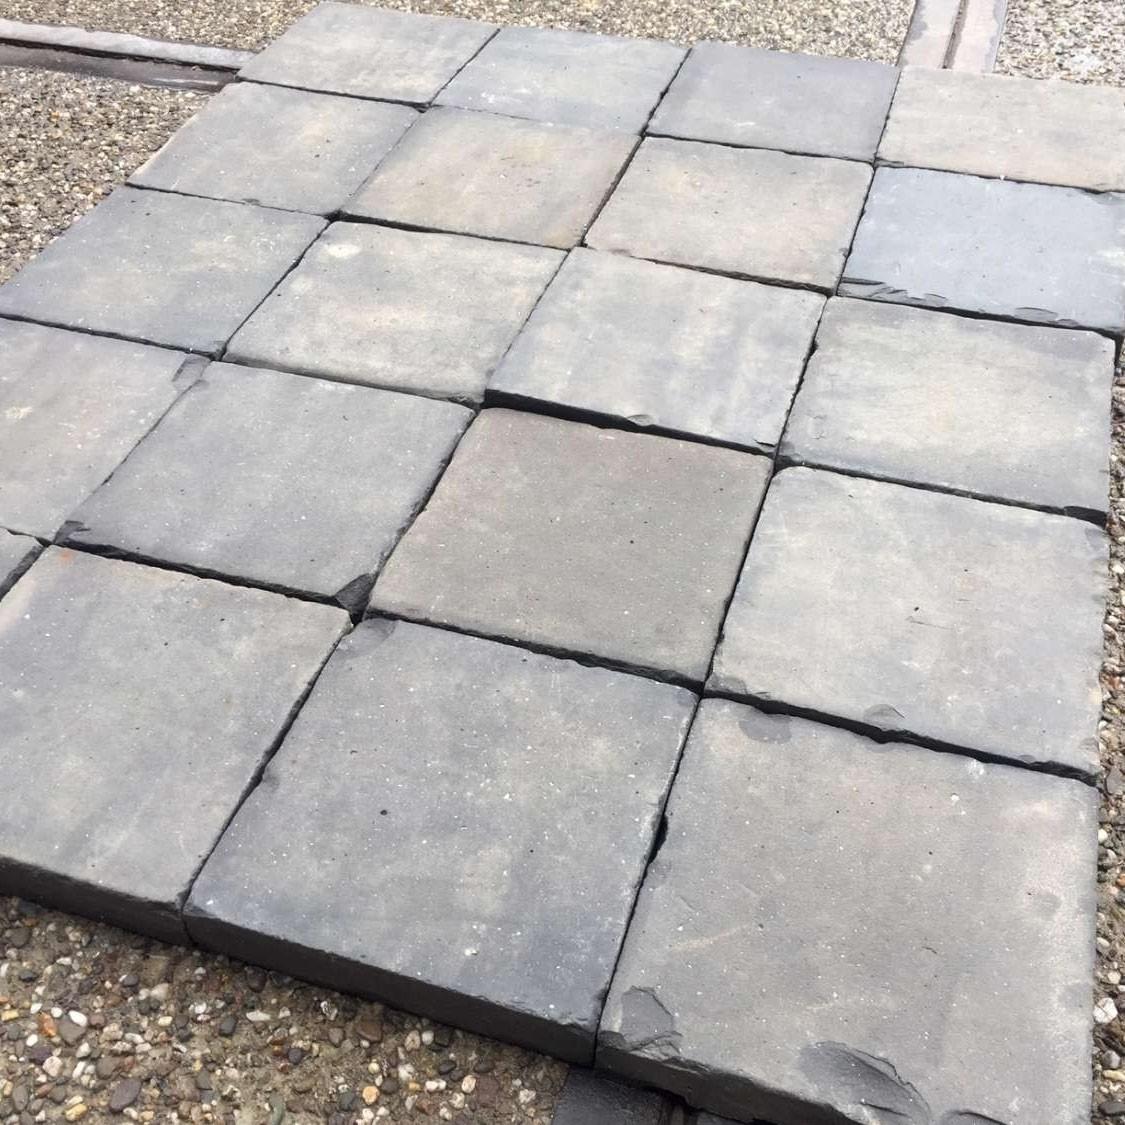 Antique braised or blue terracotta floor tiles, baked hard